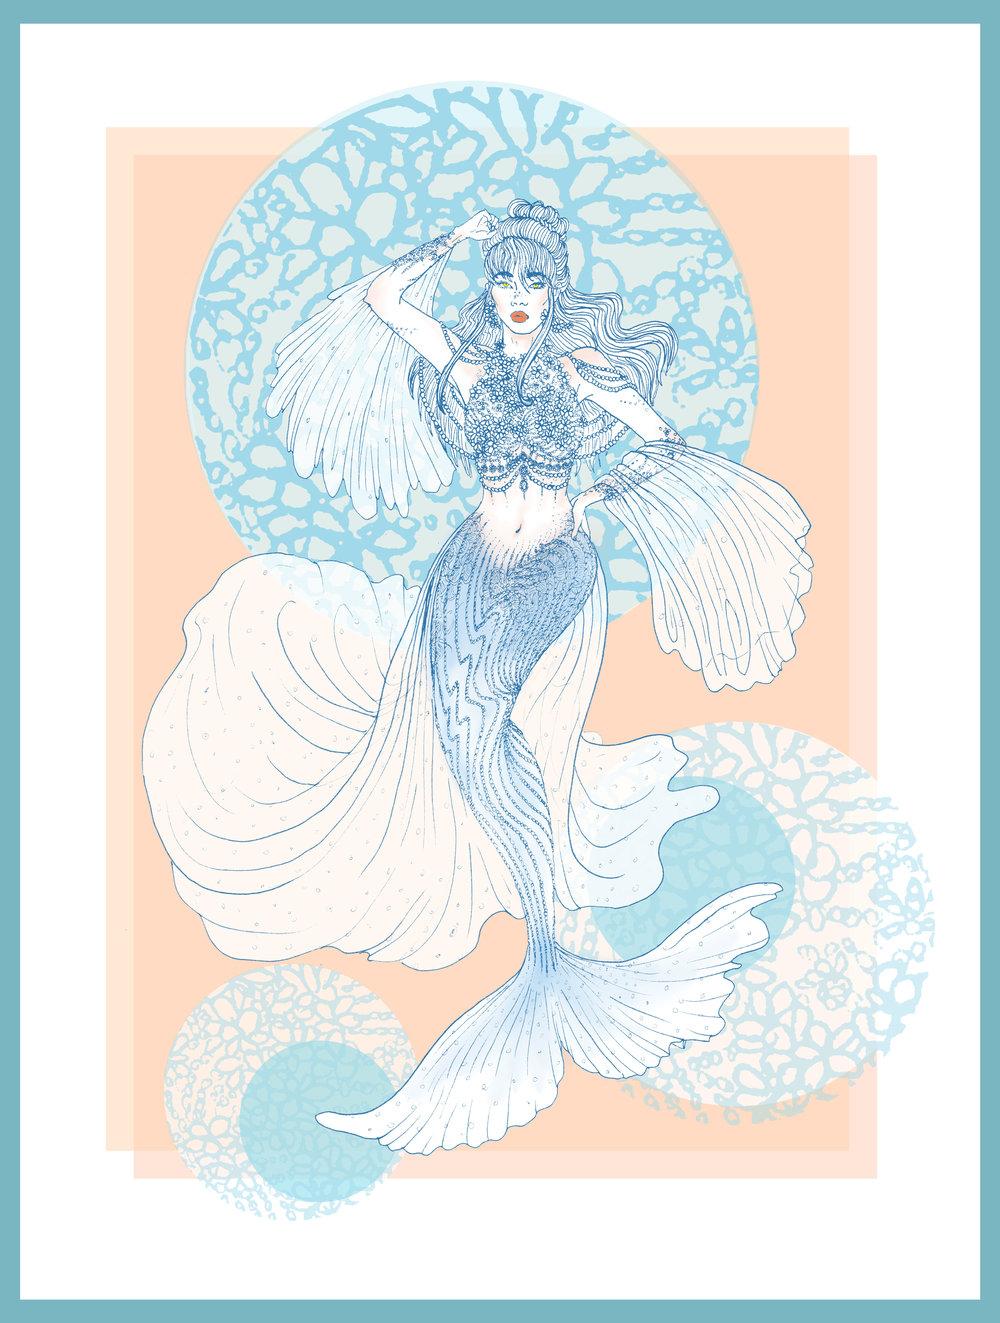 Canales_Mermaid-1_Glam-Pearls.jpg